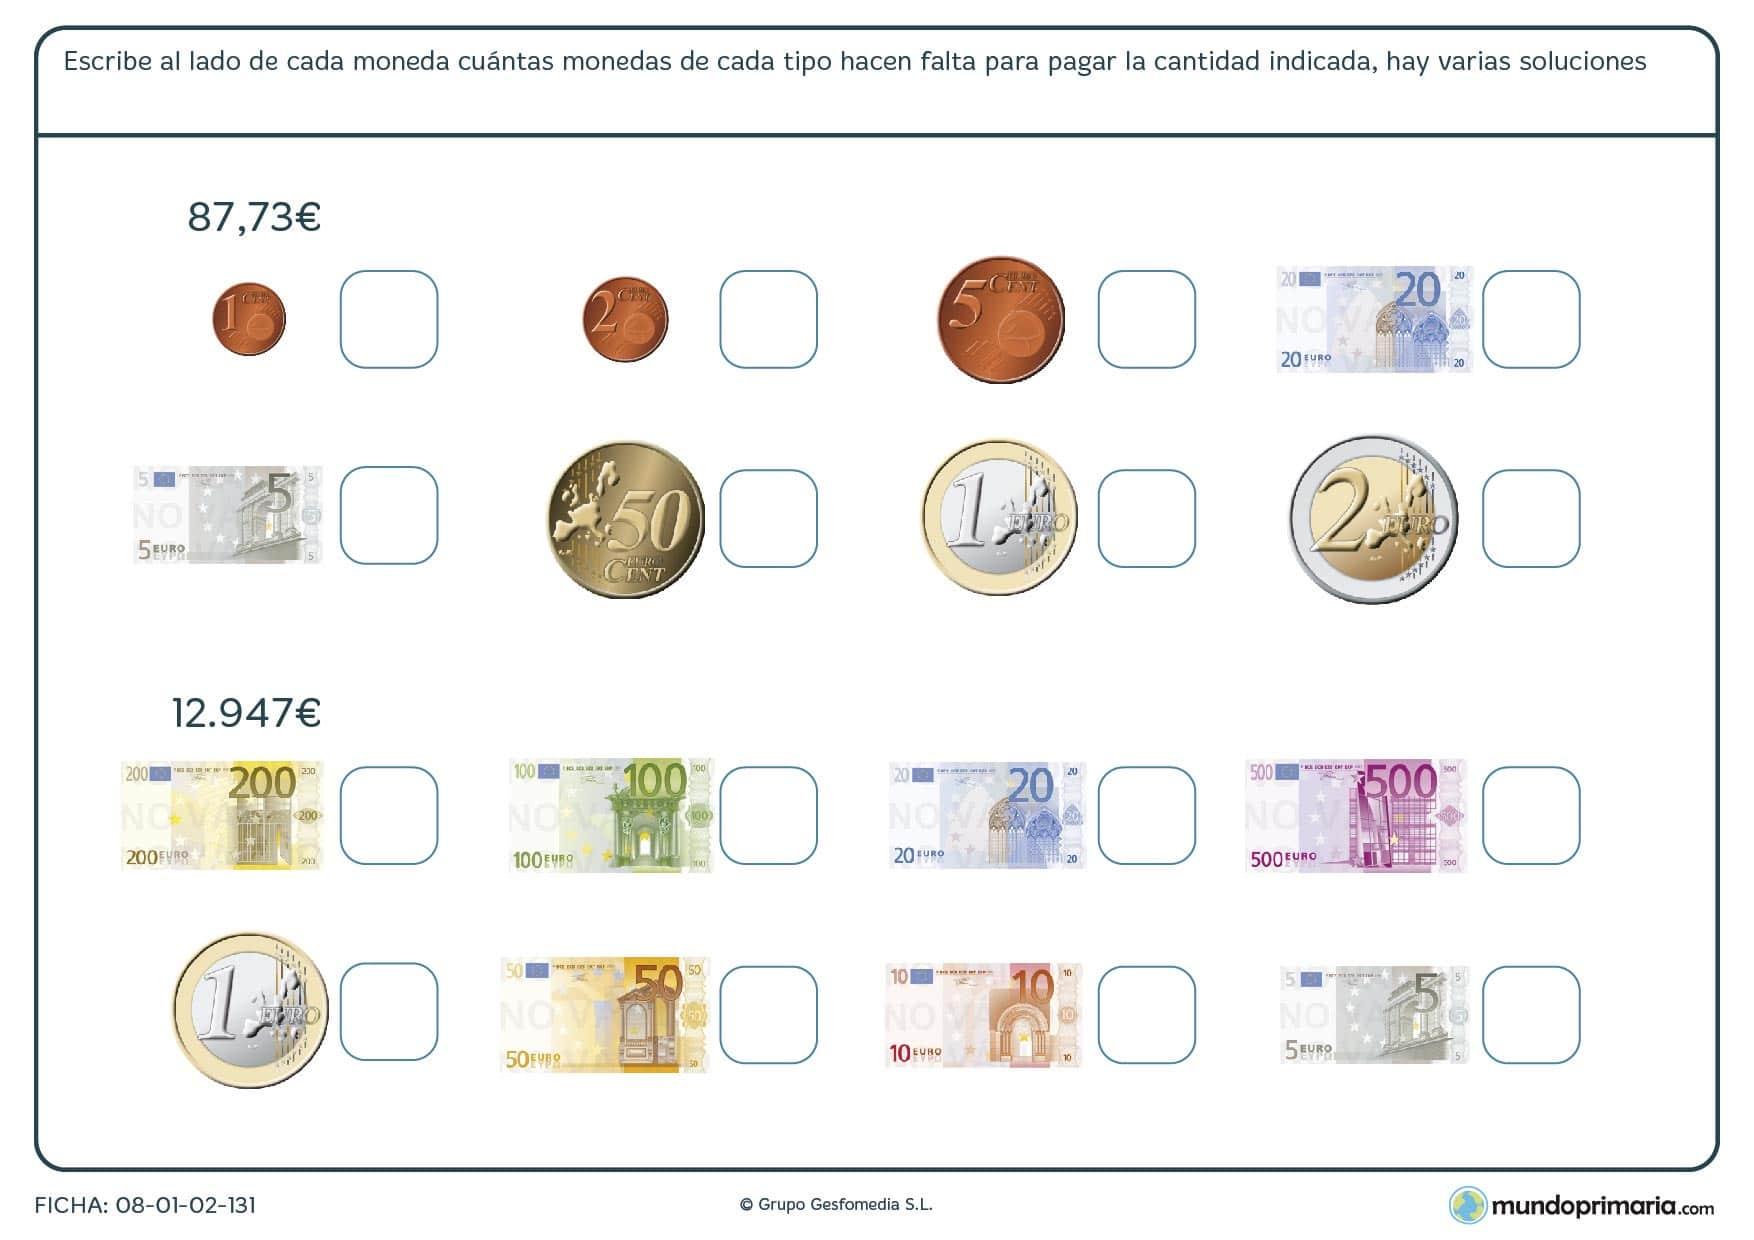 Ficha de monedas y billetes en la que tienes que marcar en cada casilla el número de ellos que necesitas.